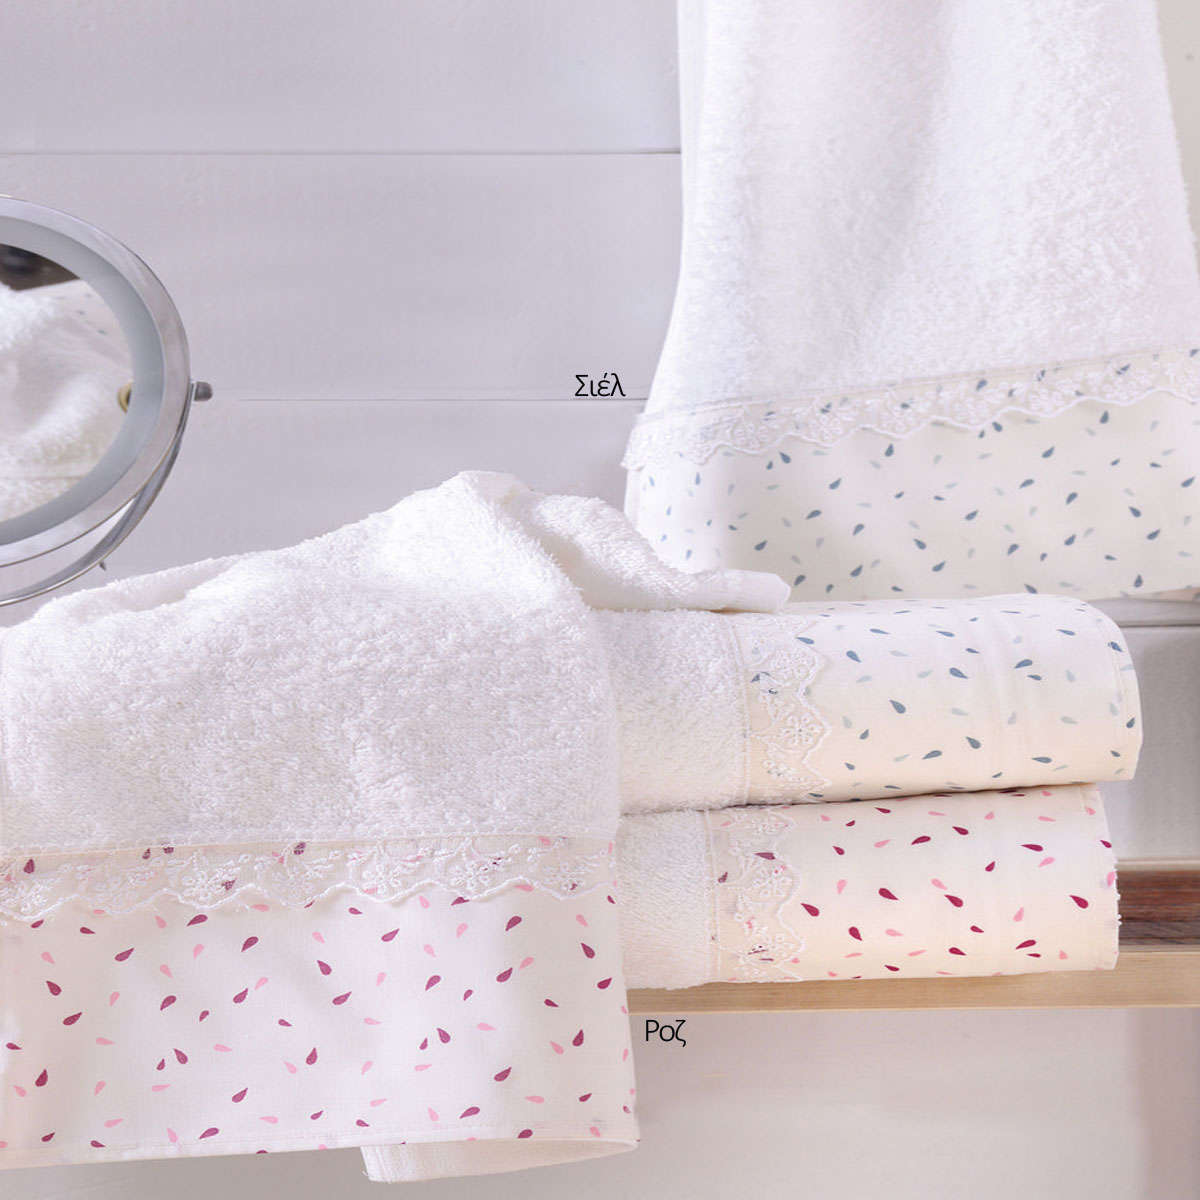 Πετσέτες Σετ 3τμχ Σε Σακούλα Tiny Σιέλ Ρυθμός Σετ Πετσέτες